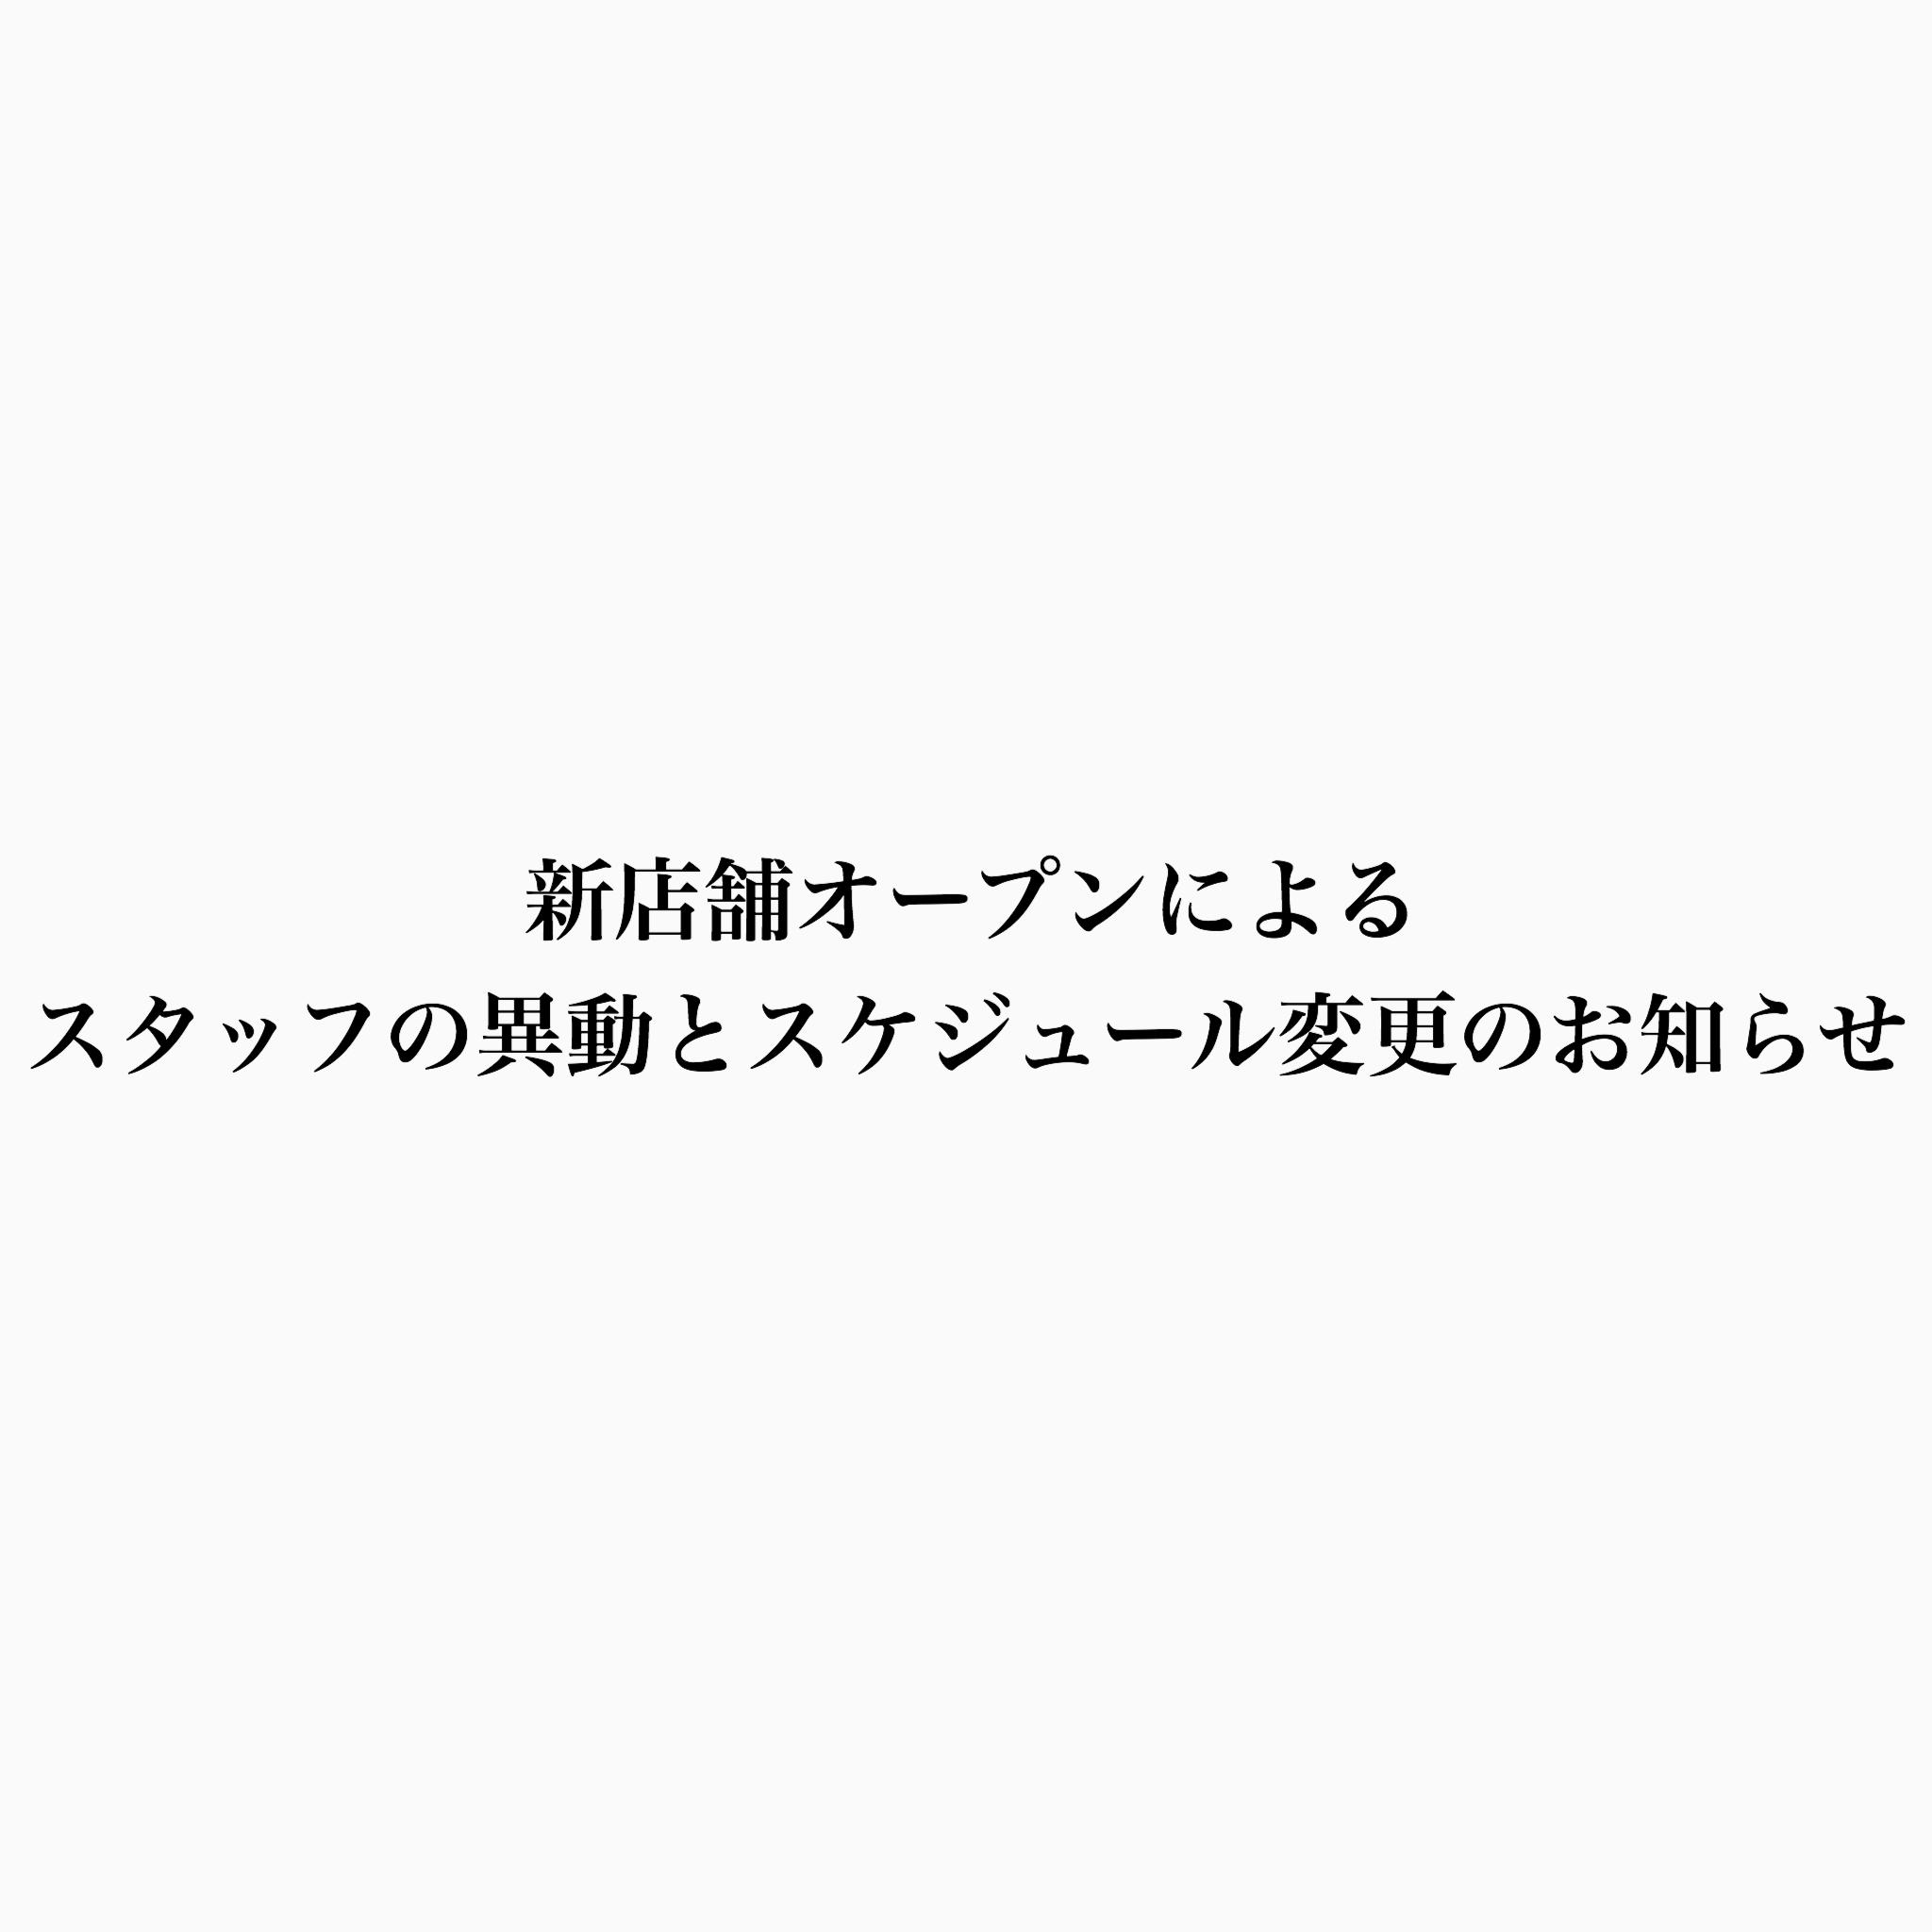 【新店舗オープンによるスタッフの異動とスケジュール変更のお知らせ】